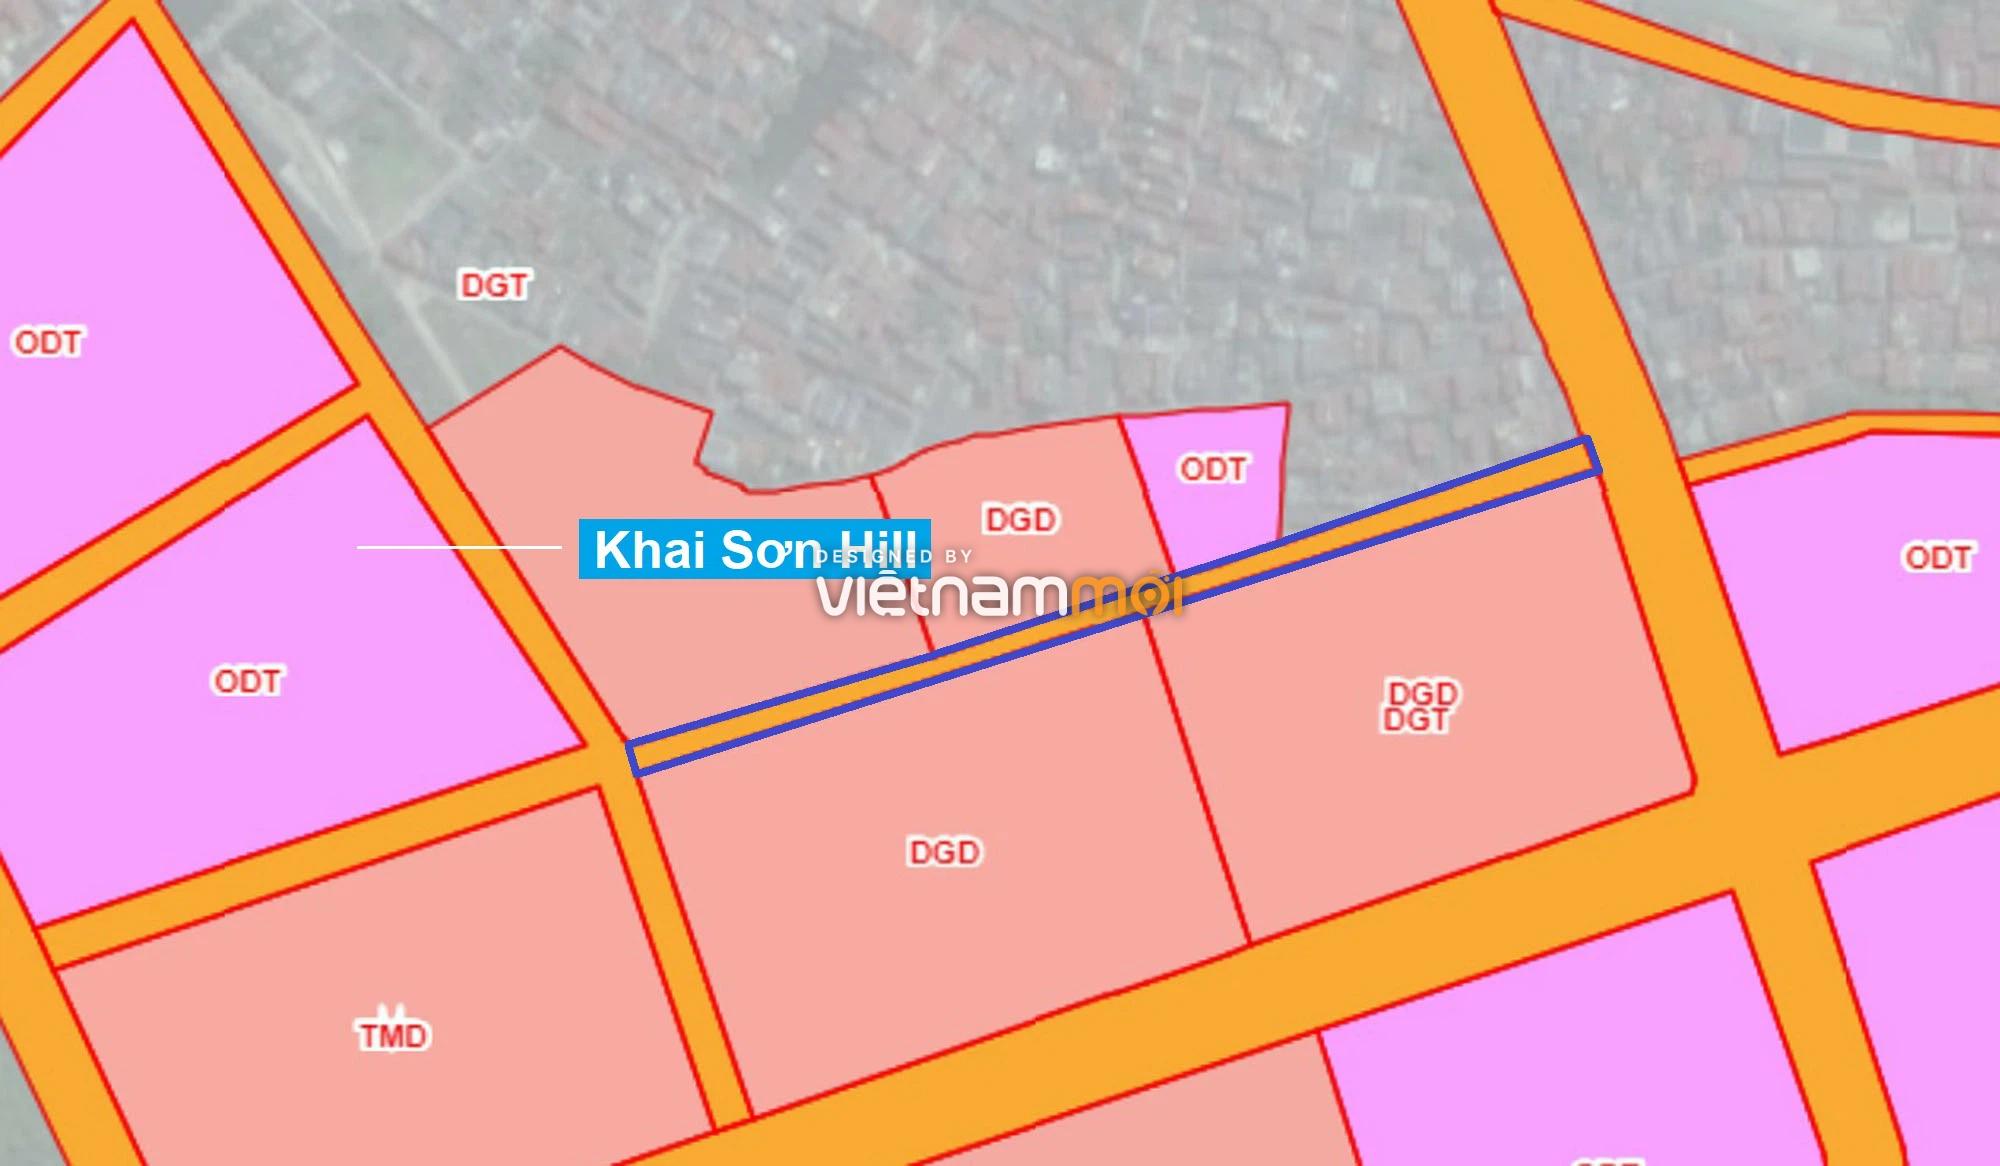 Những khu đất sắp thu hồi để mở đường ở phường Ngọc Thụy, Long Biên, Hà Nội (phần 1) - Ảnh 6.